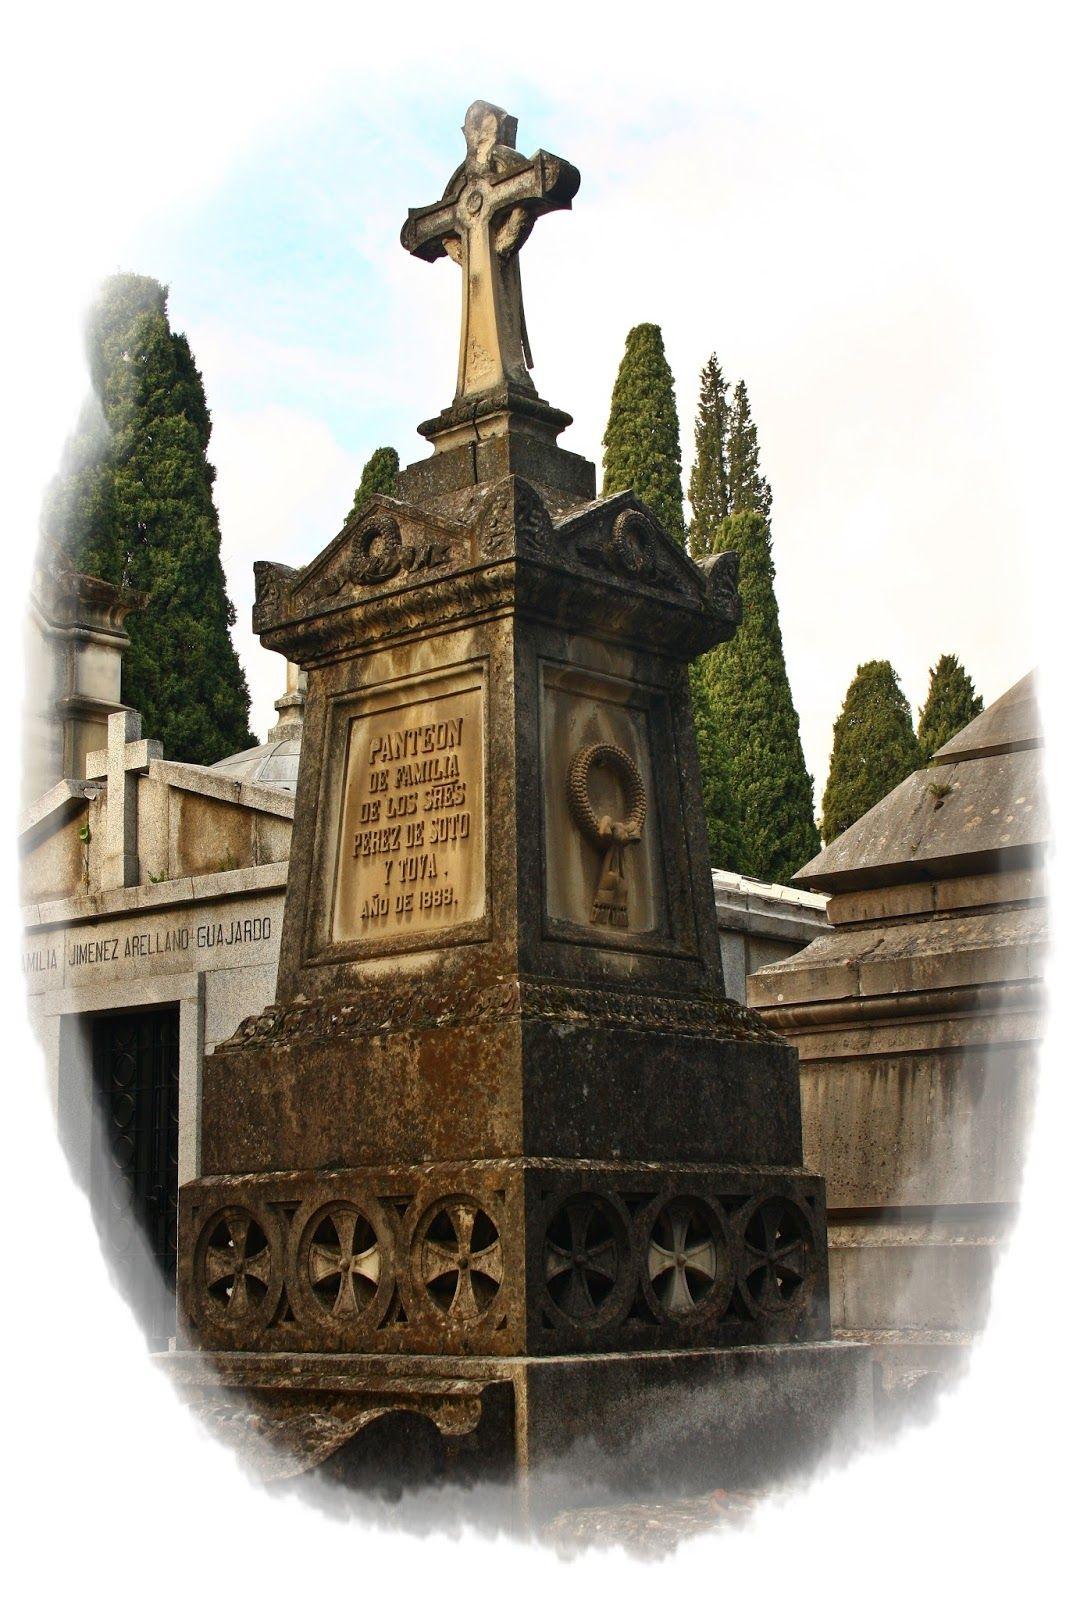 MadridLaCiudad: Dos mujeres sobrevivientes del Titanic están enterradas en dos cementerios de Madrid